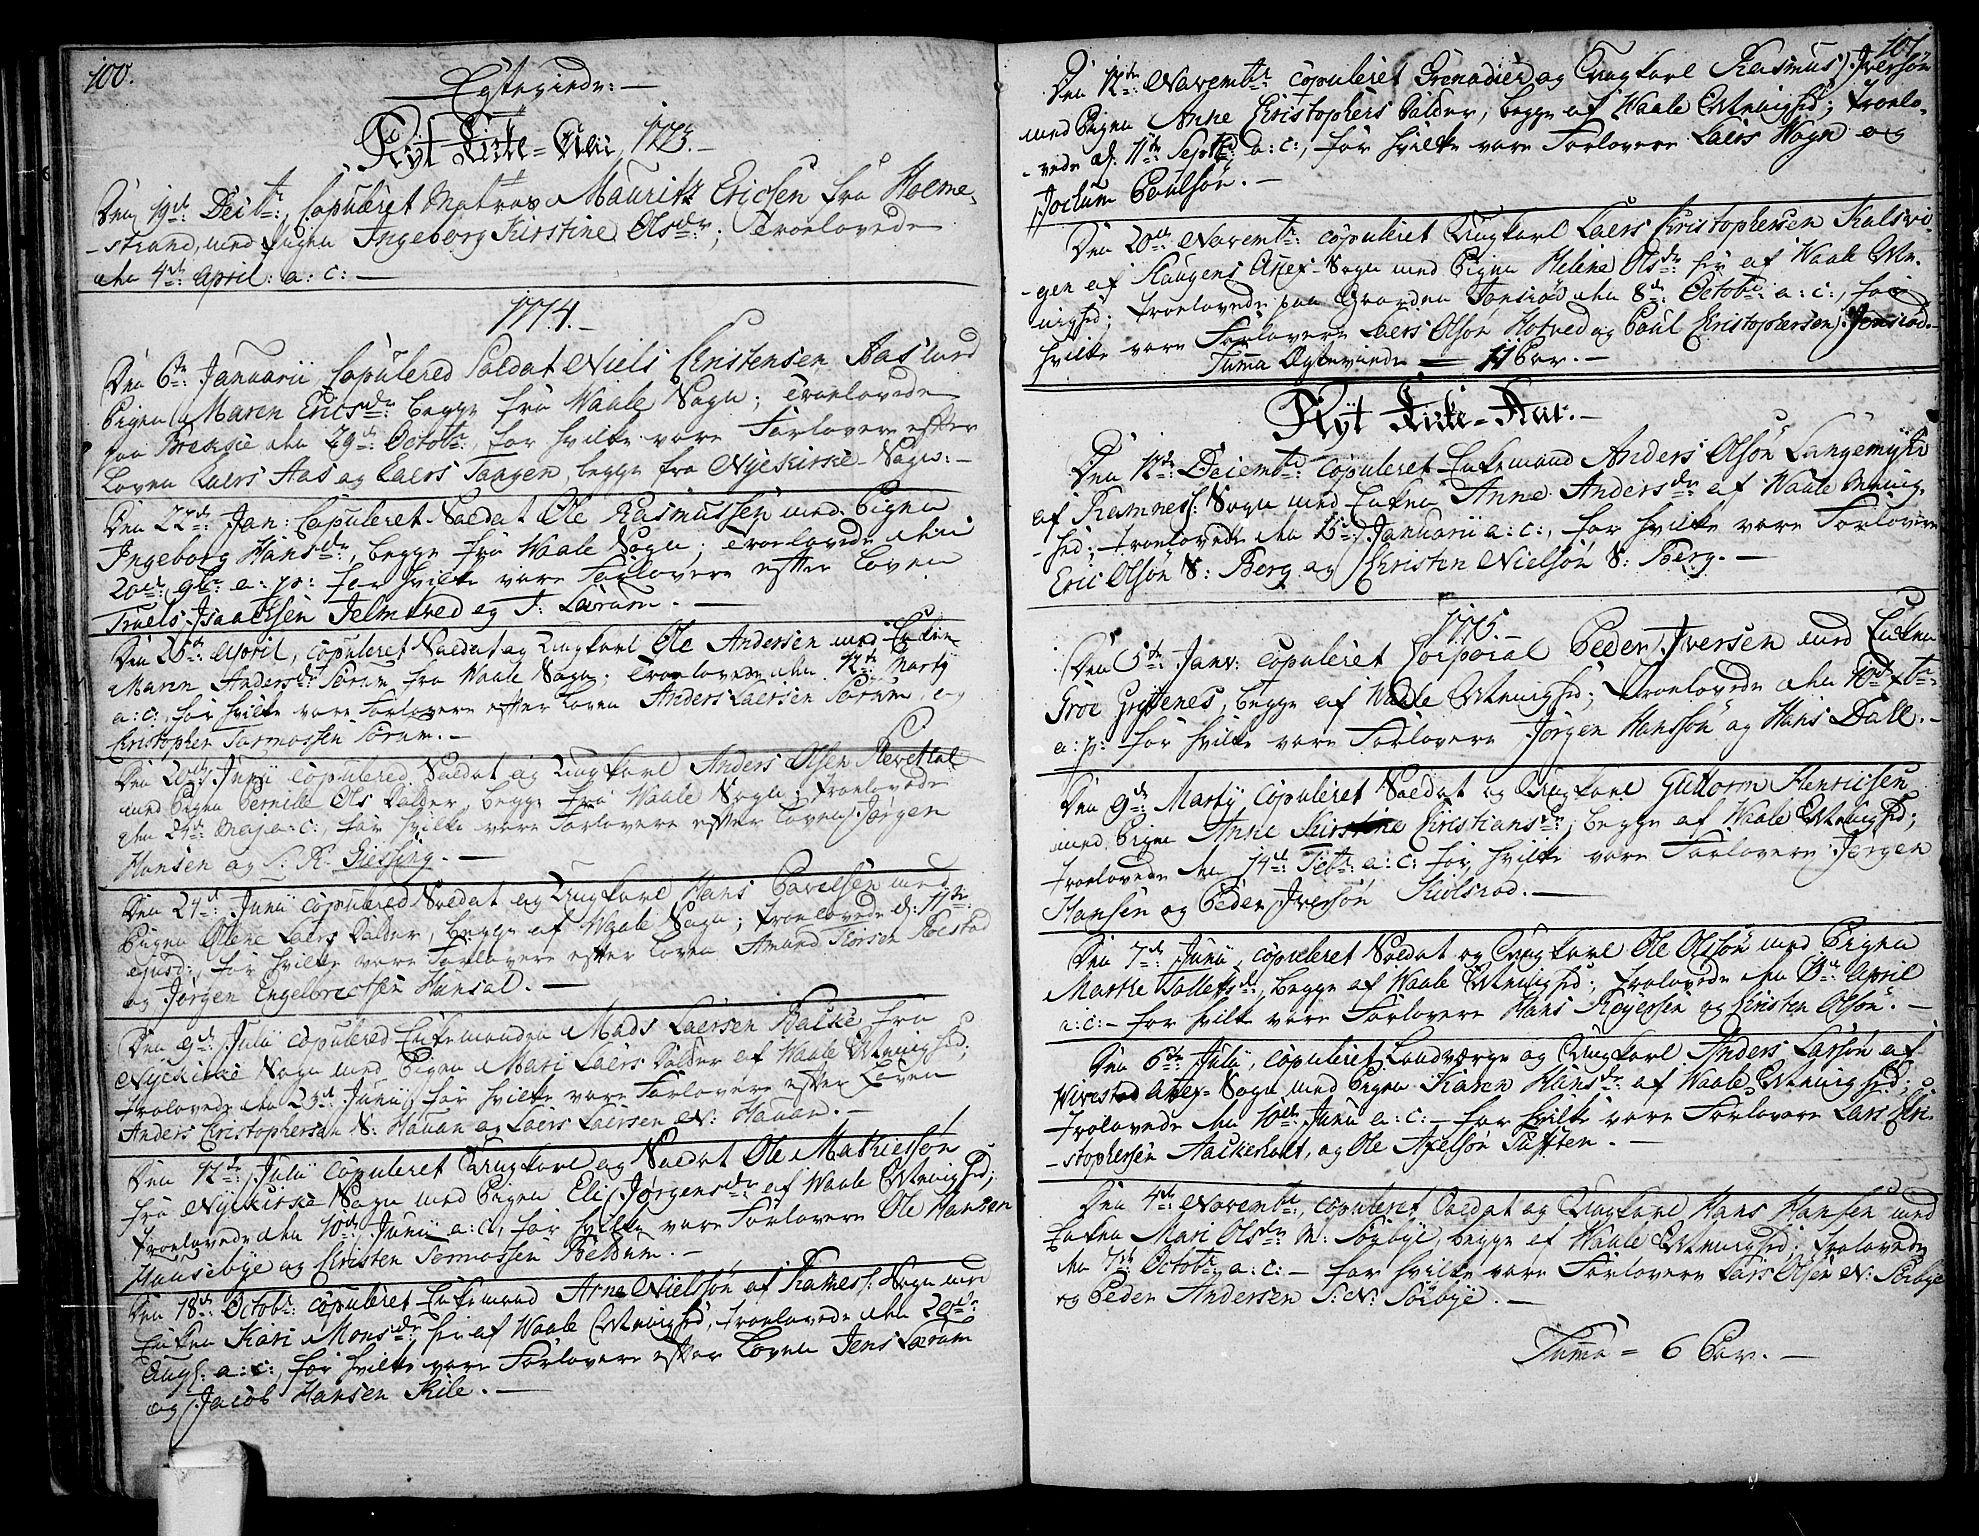 SAKO, Våle kirkebøker, F/Fa/L0005: Ministerialbok nr. I 5, 1773-1808, s. 100-101